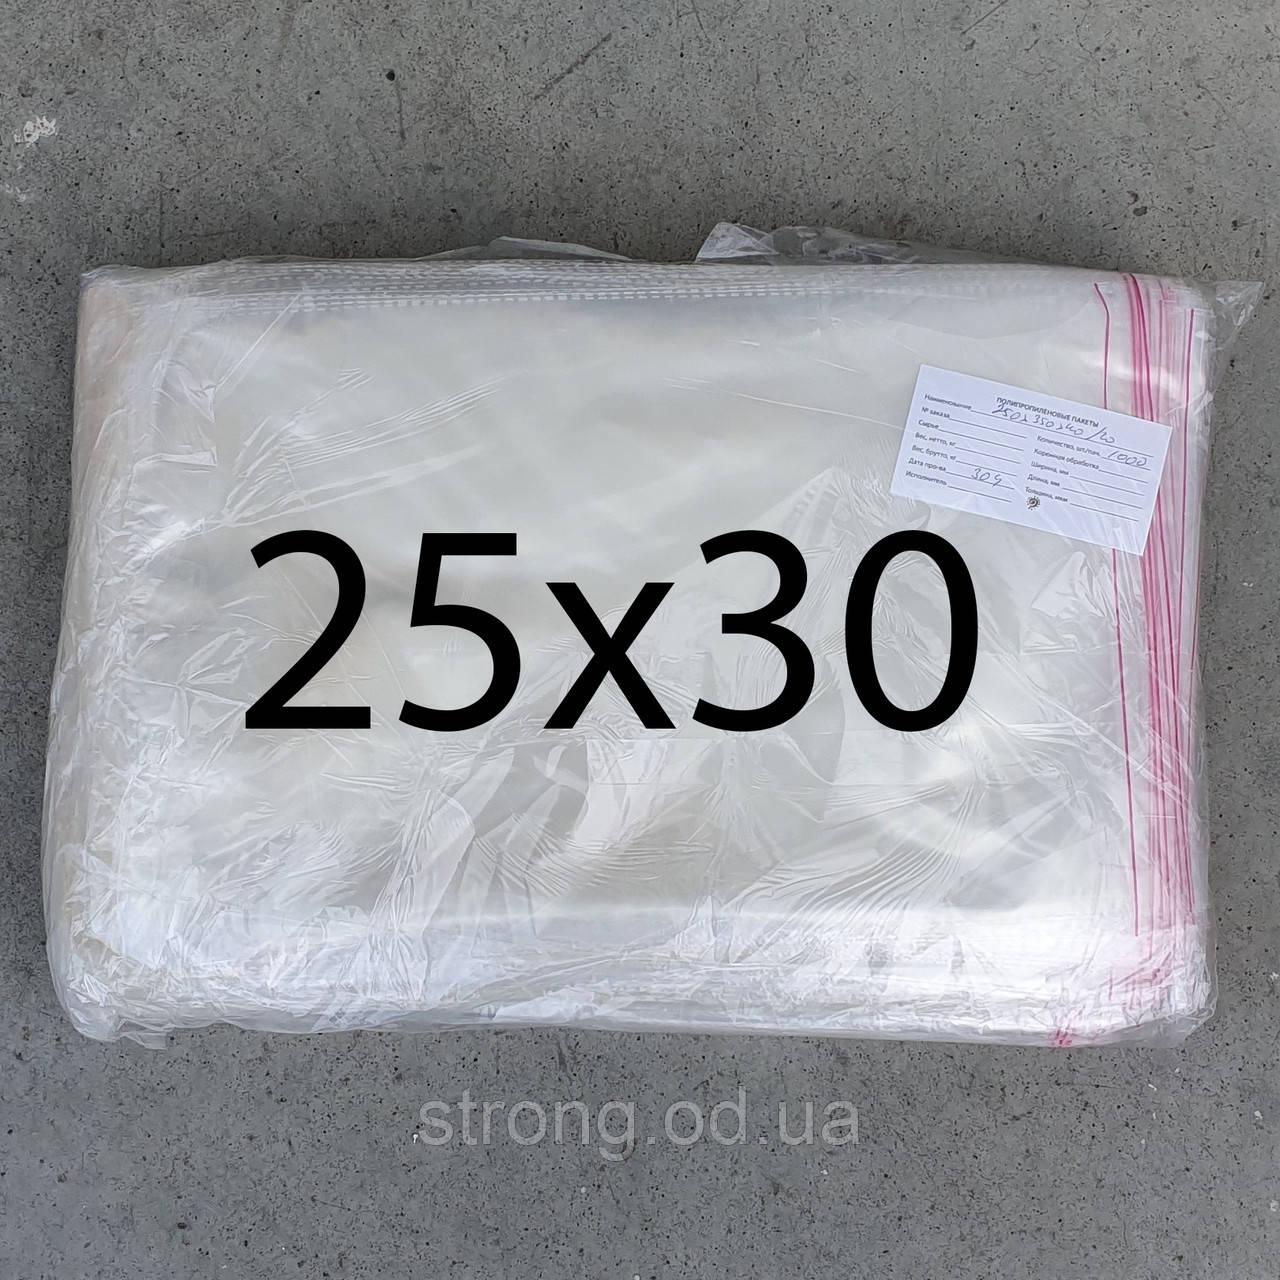 Пакет пакувальний з липкою стрічкою 25х30 (1000шт.)